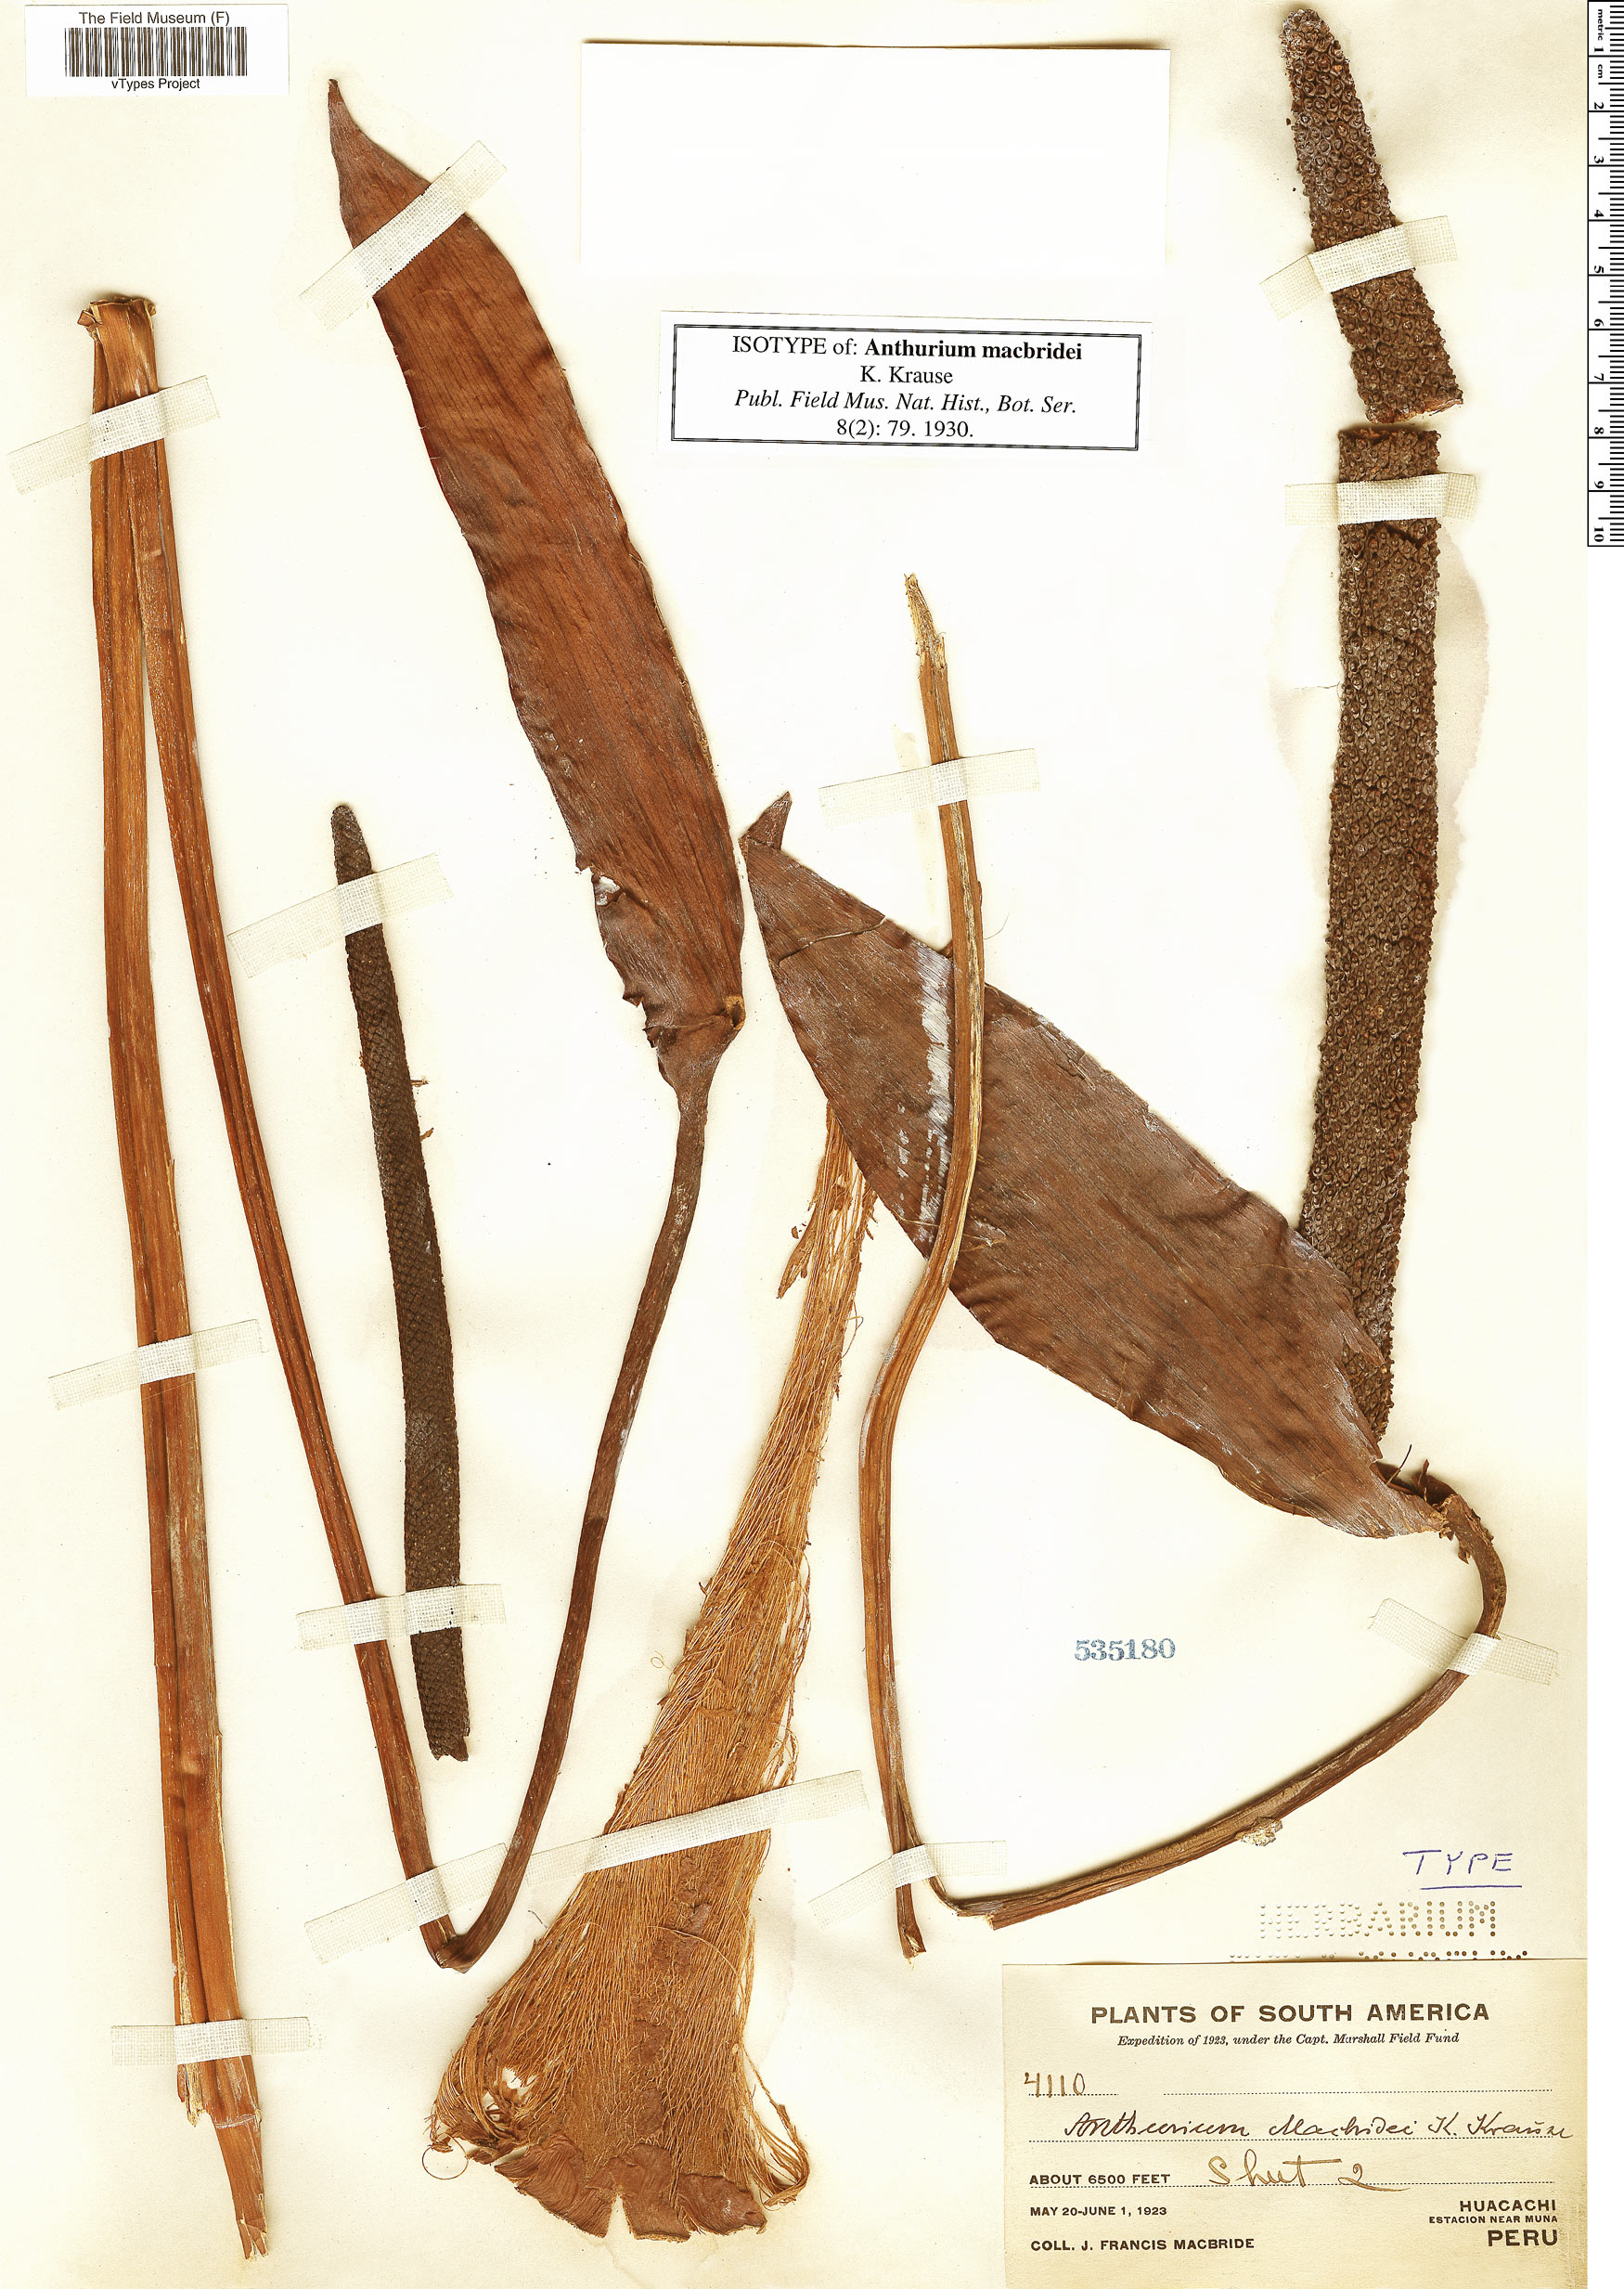 Espécimen: Anthurium macbridei